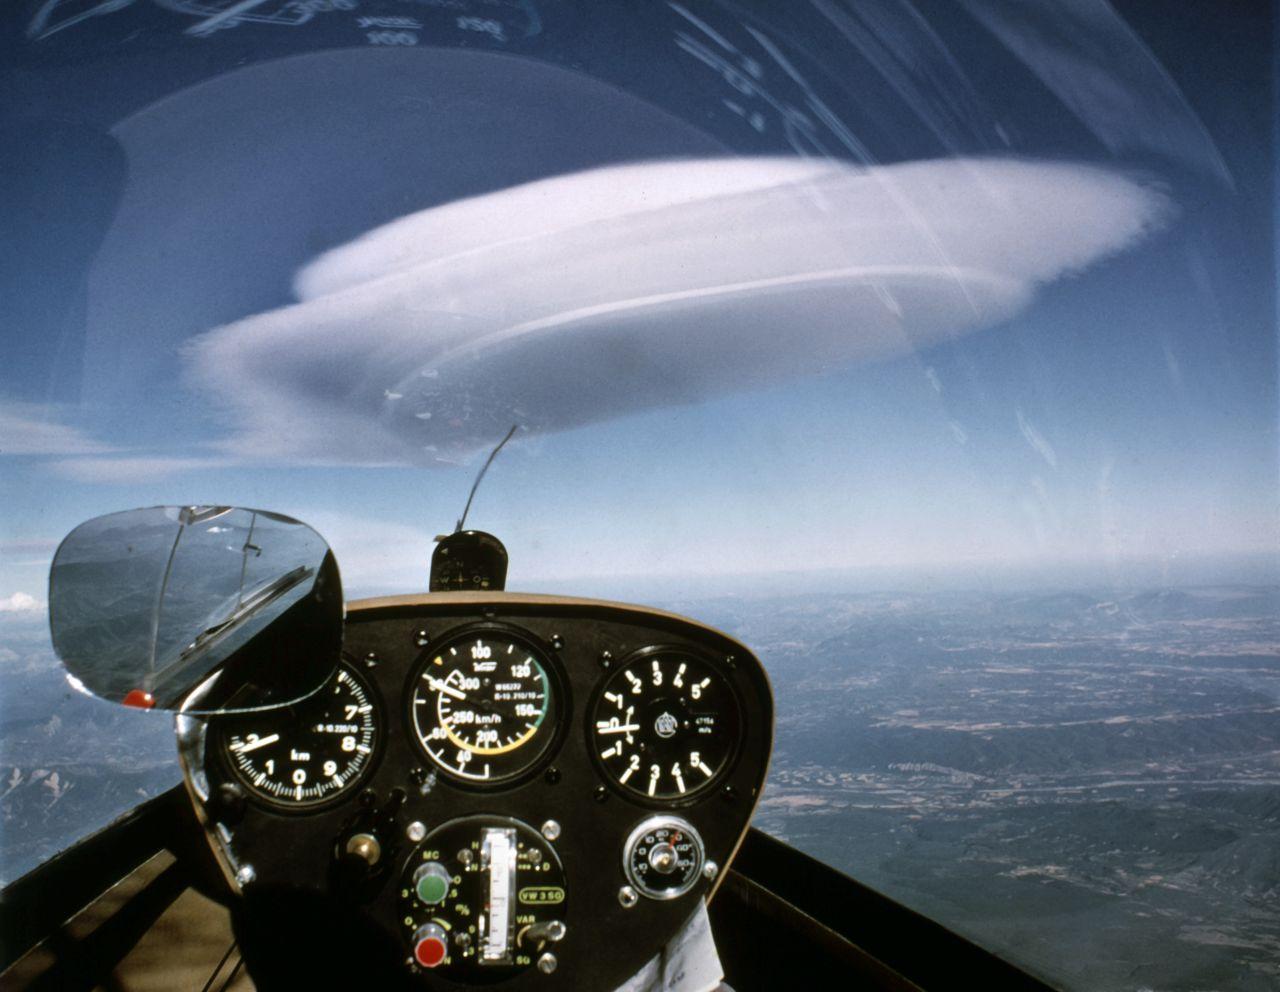 Aufnahme einer Lenticularis Wolke